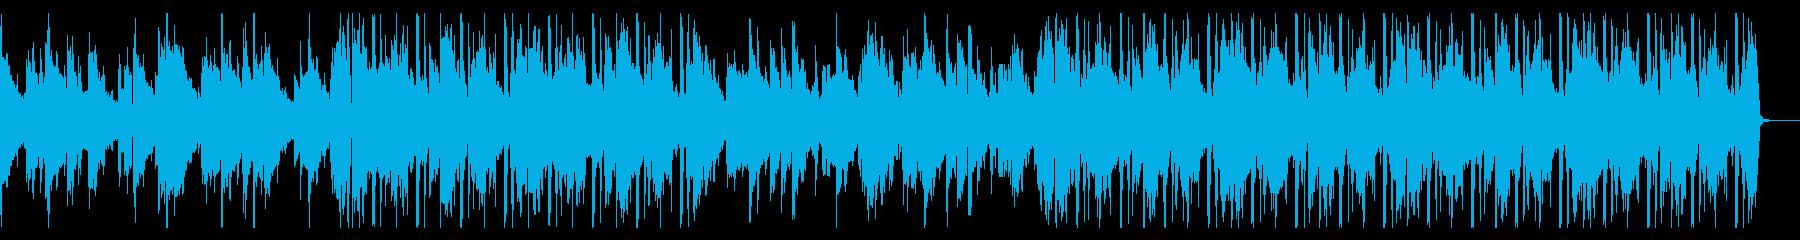 揺らめき/チル_No690_1の再生済みの波形